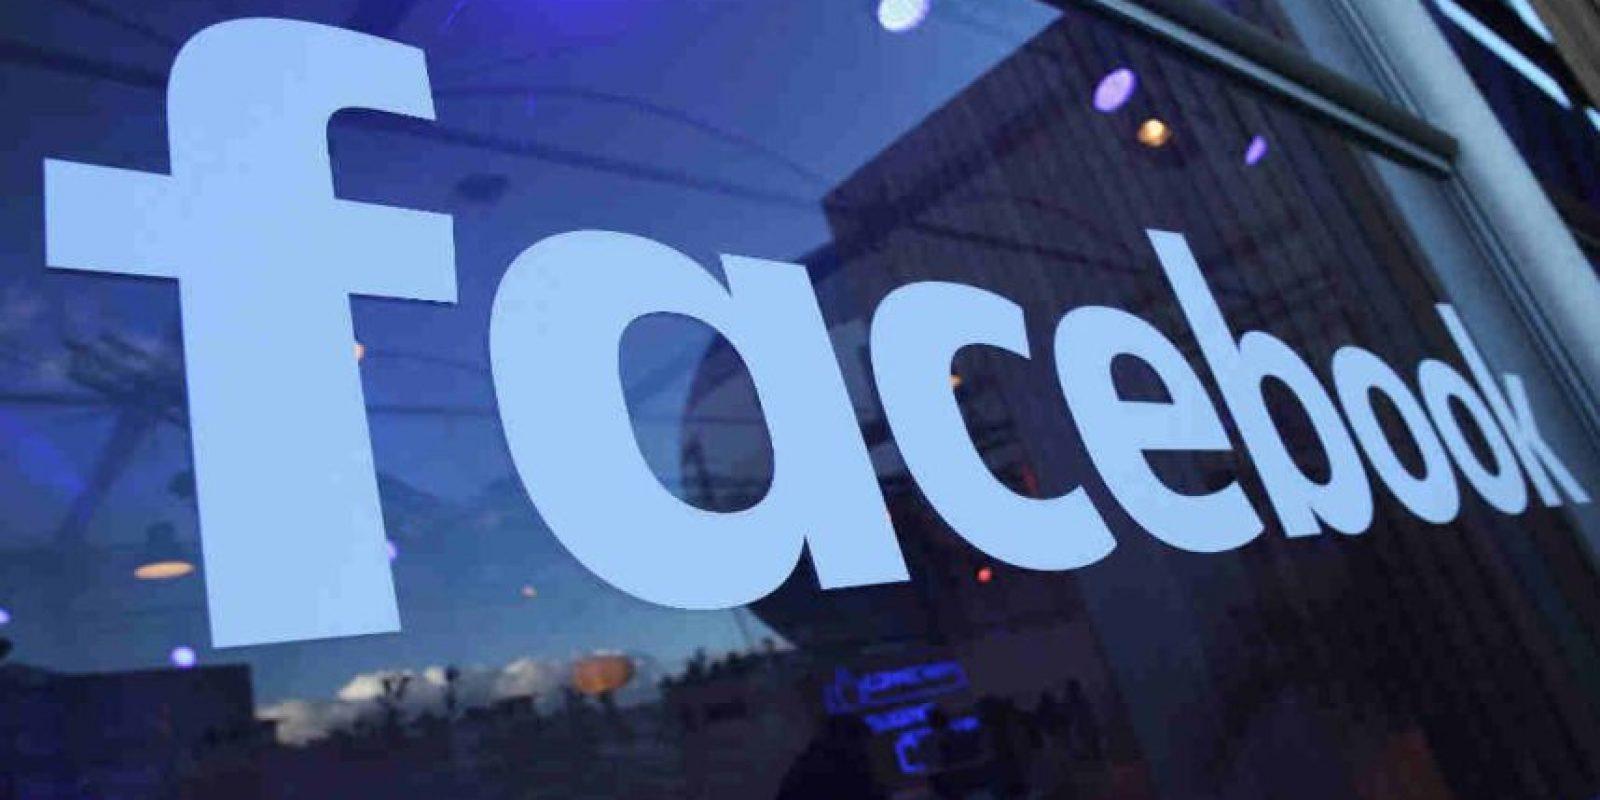 Muchos siguen usando el chat de la web de Facebook. Foto:Getty Images